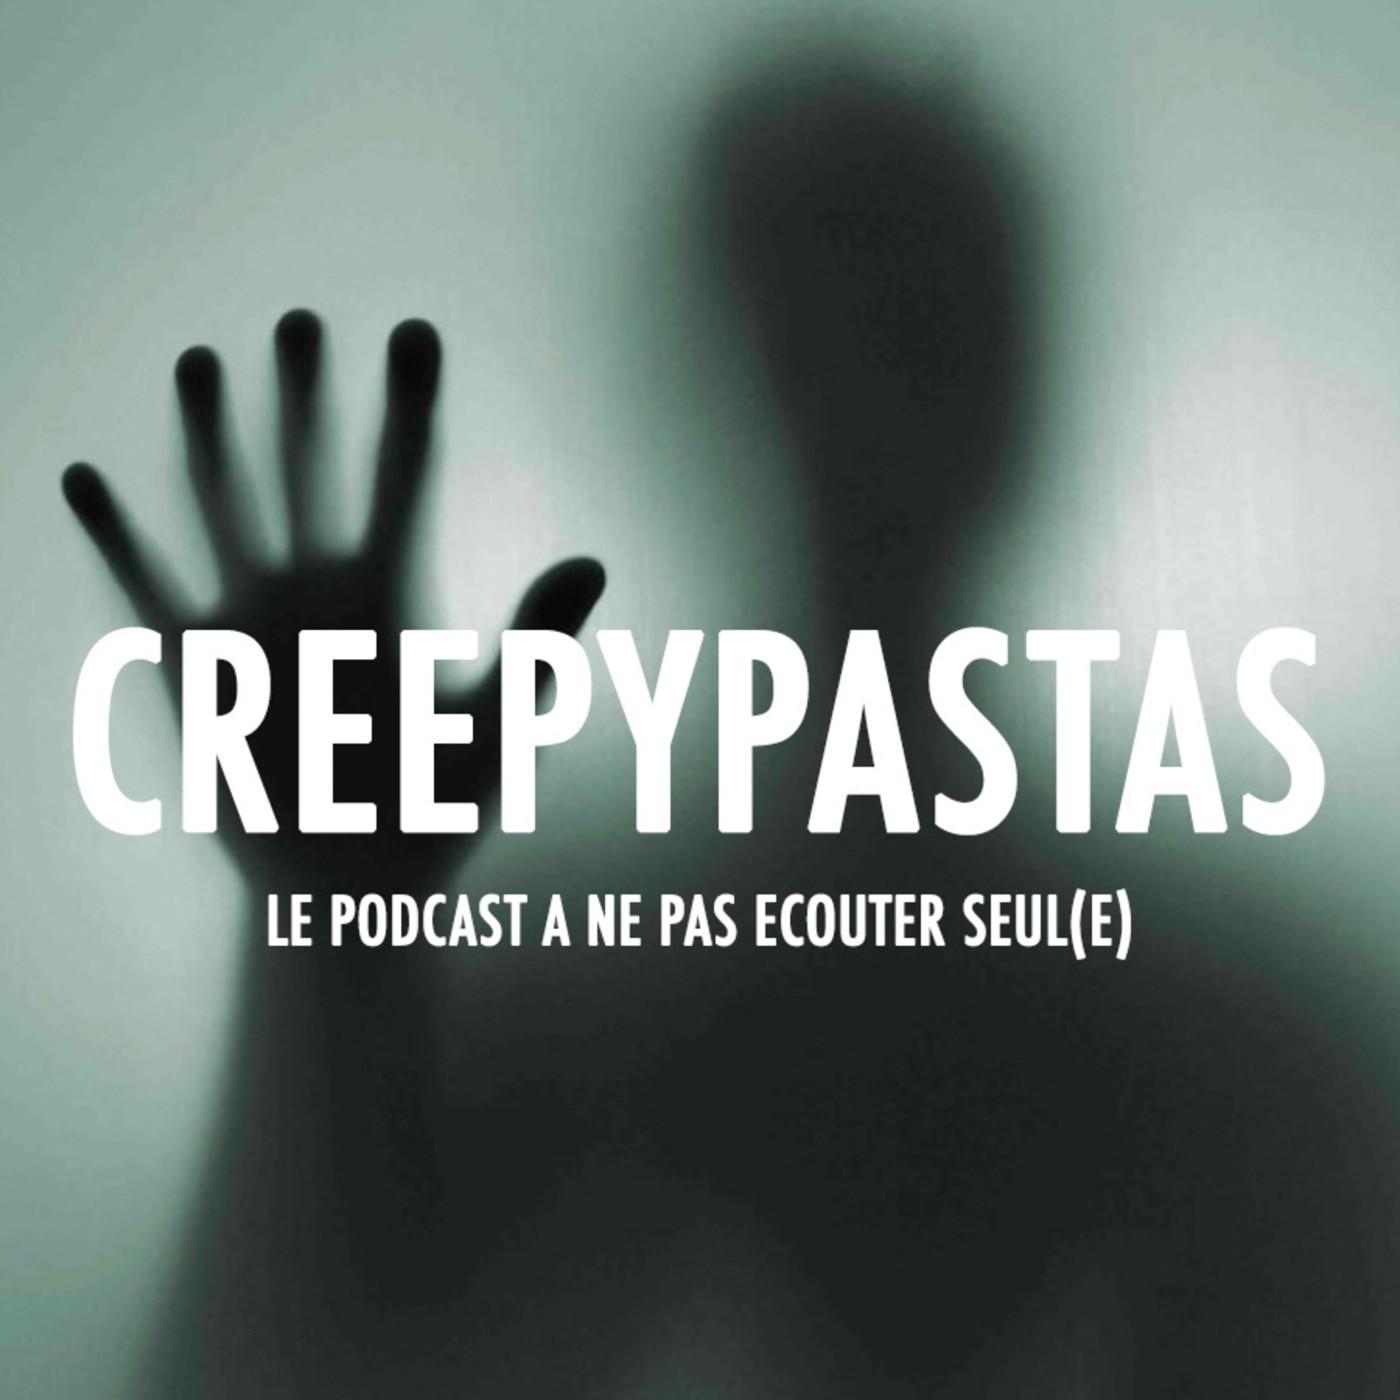 CREEPYPASTA EP.001 - Il voulait nous tuer - Podcast horreur & paranormal